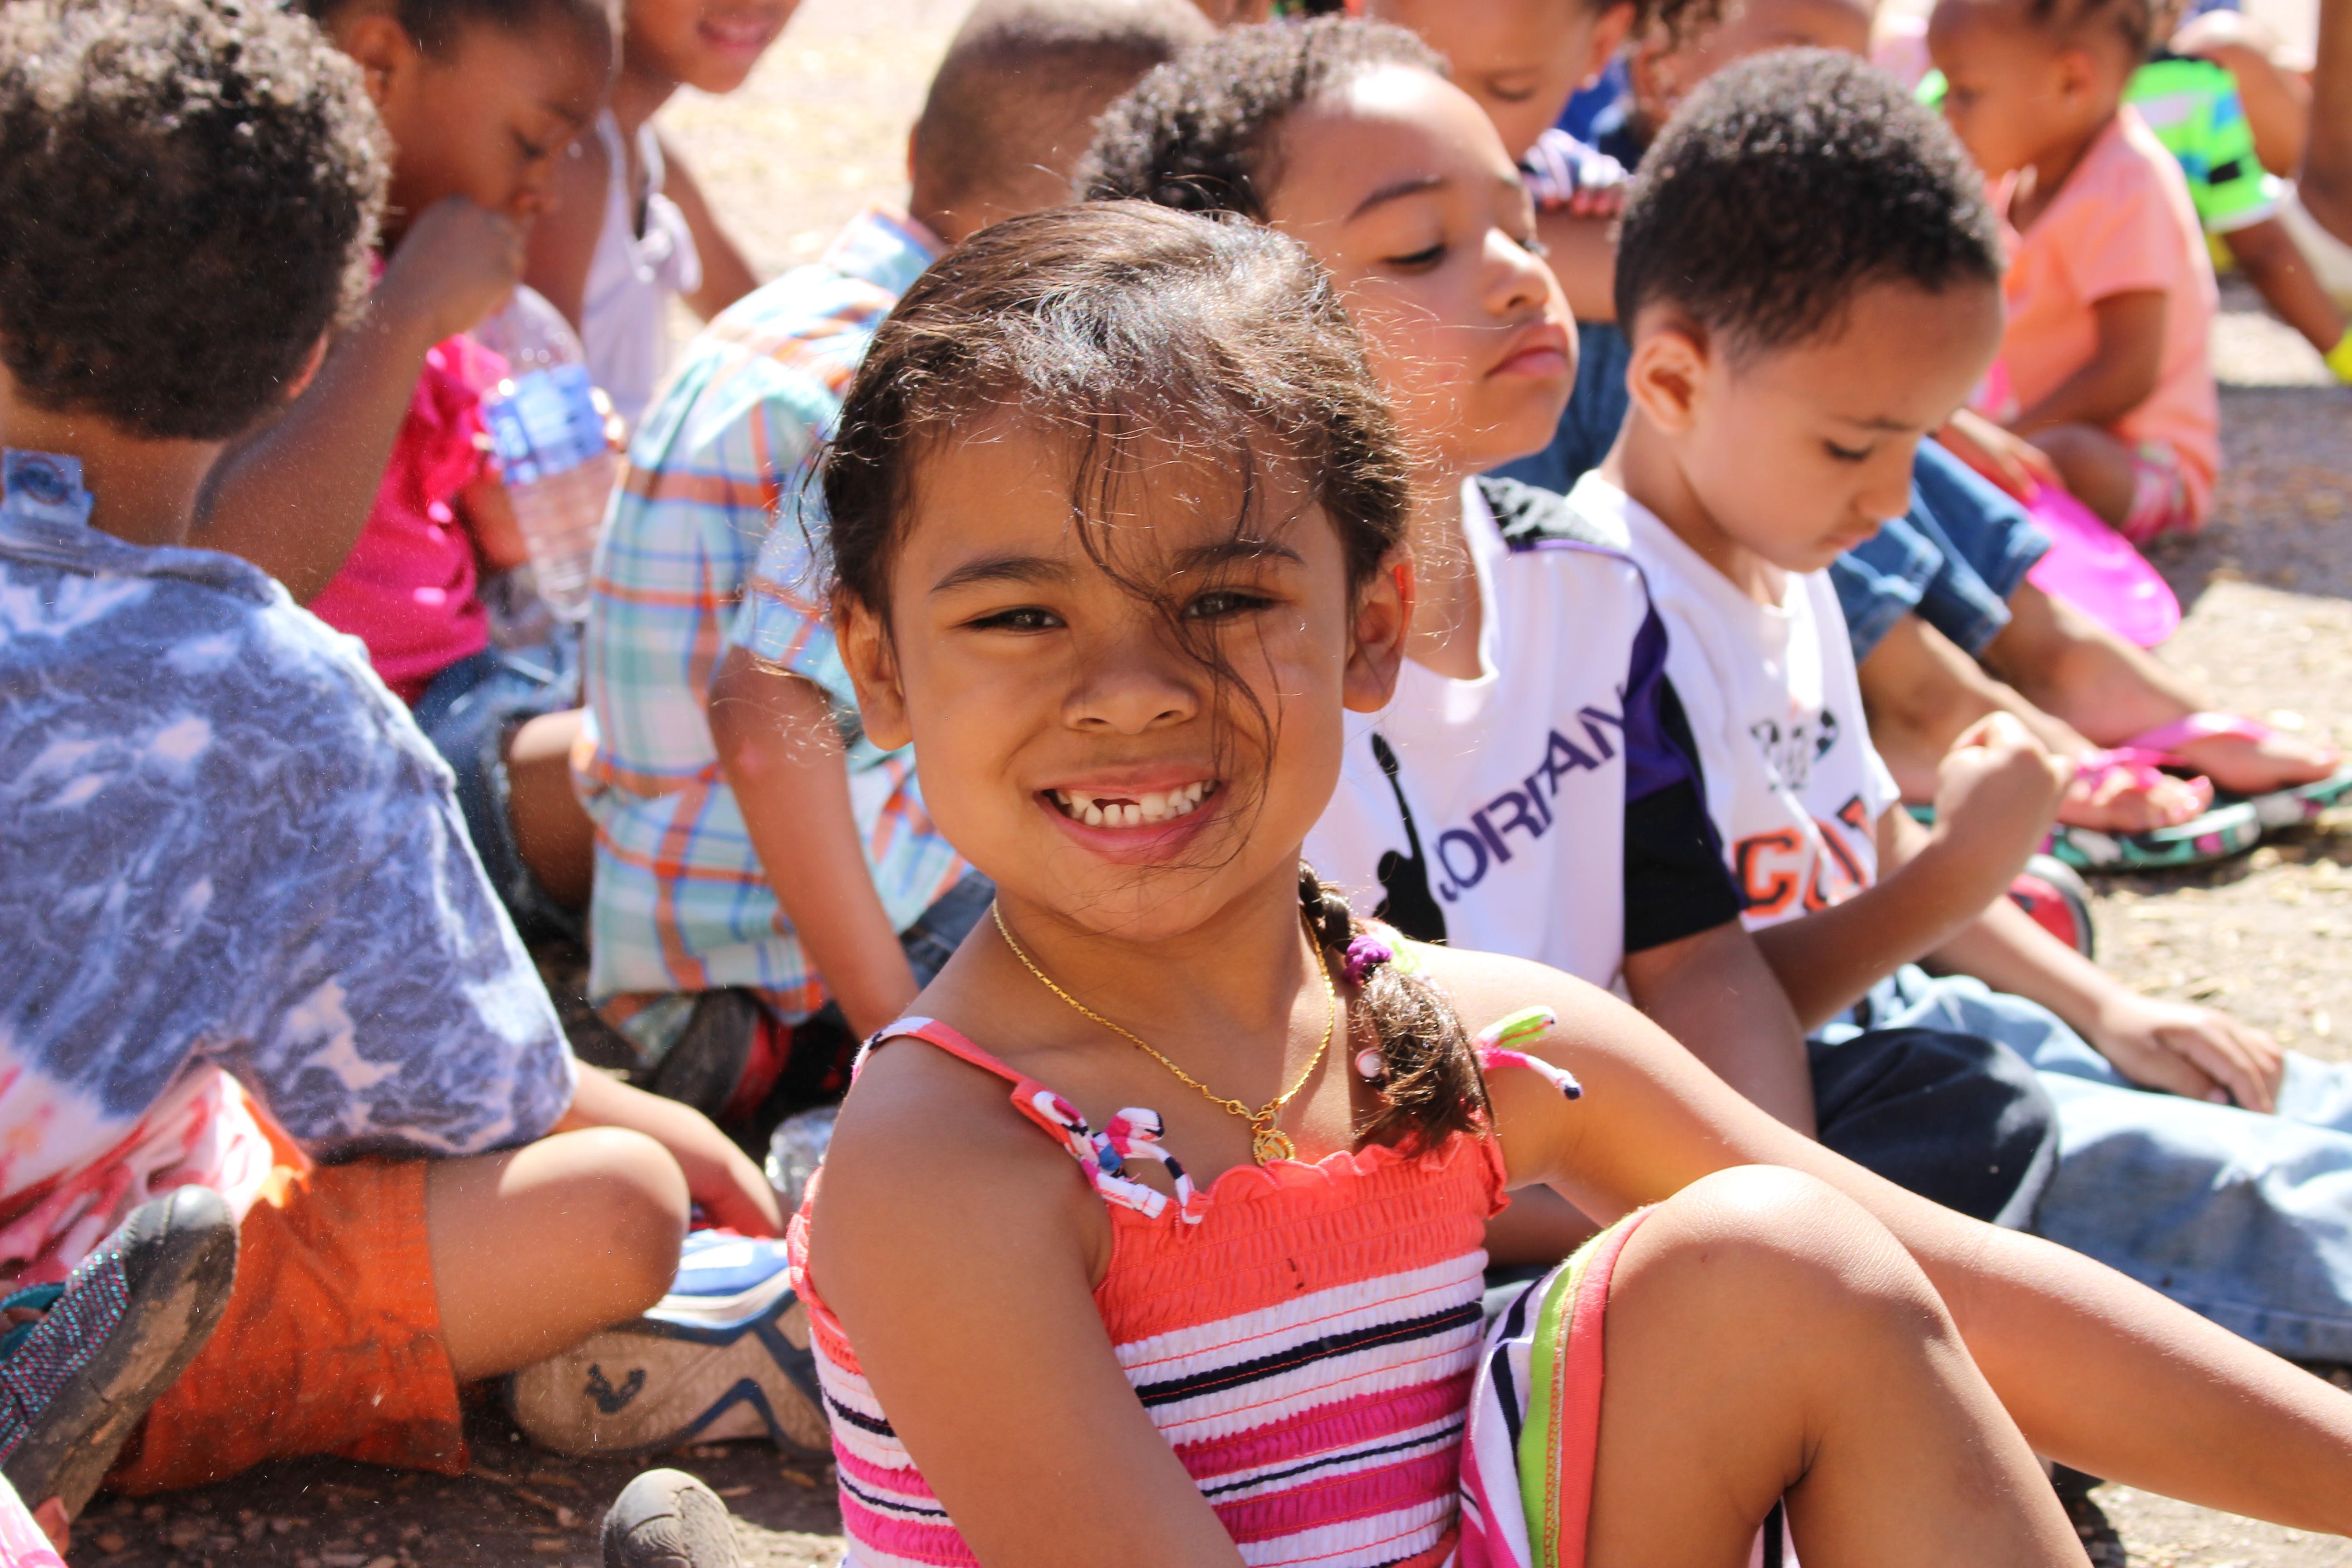 Photo: Child poverty